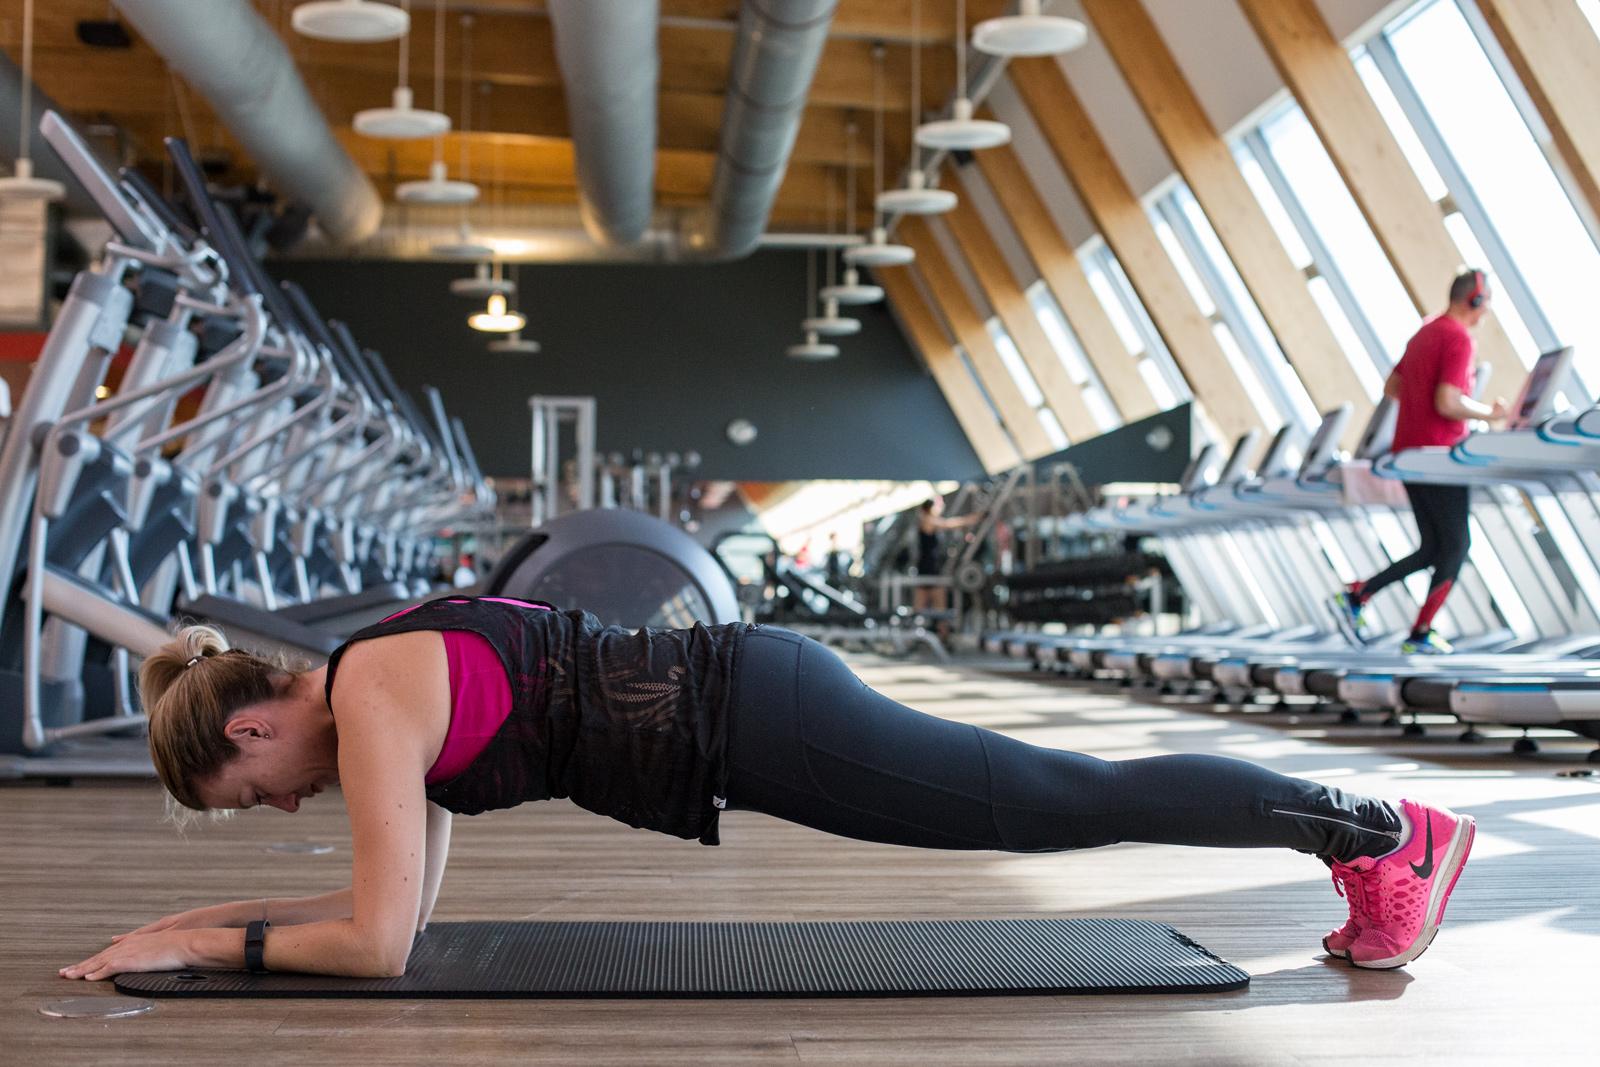 Foto-by-Nadja-Nemetz-Wien-wienerblogger-blogger-lifestyleblogger-lifestyle-fitnessblogger-sport-fitness-personaltrainer-fitnesstrainer-mazen-holmesplace-holmes-place-erfahrung-review-bodyweight-erfahrungsbericht-6